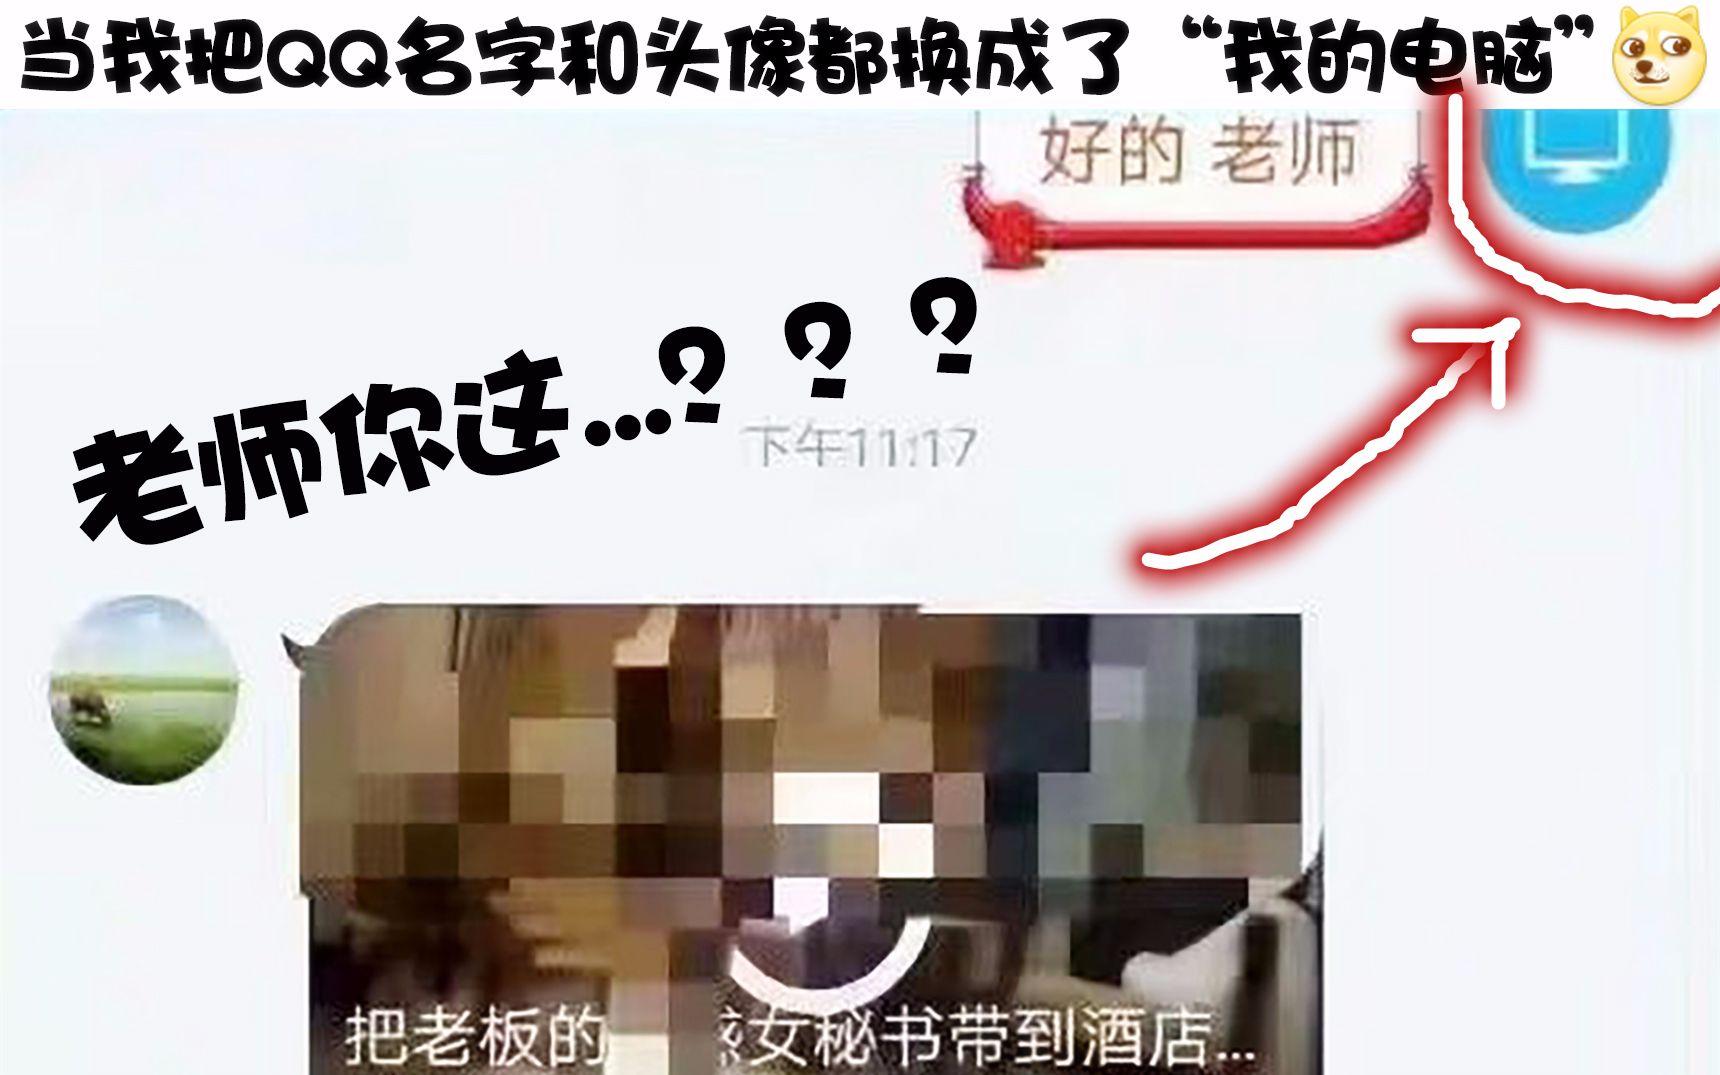 """当我把QQ名字和头像都改成了""""我的电脑"""",居然收到了奇怪的东西w(゜Д゜)w网上那些笑岔气的沙雕图#2"""